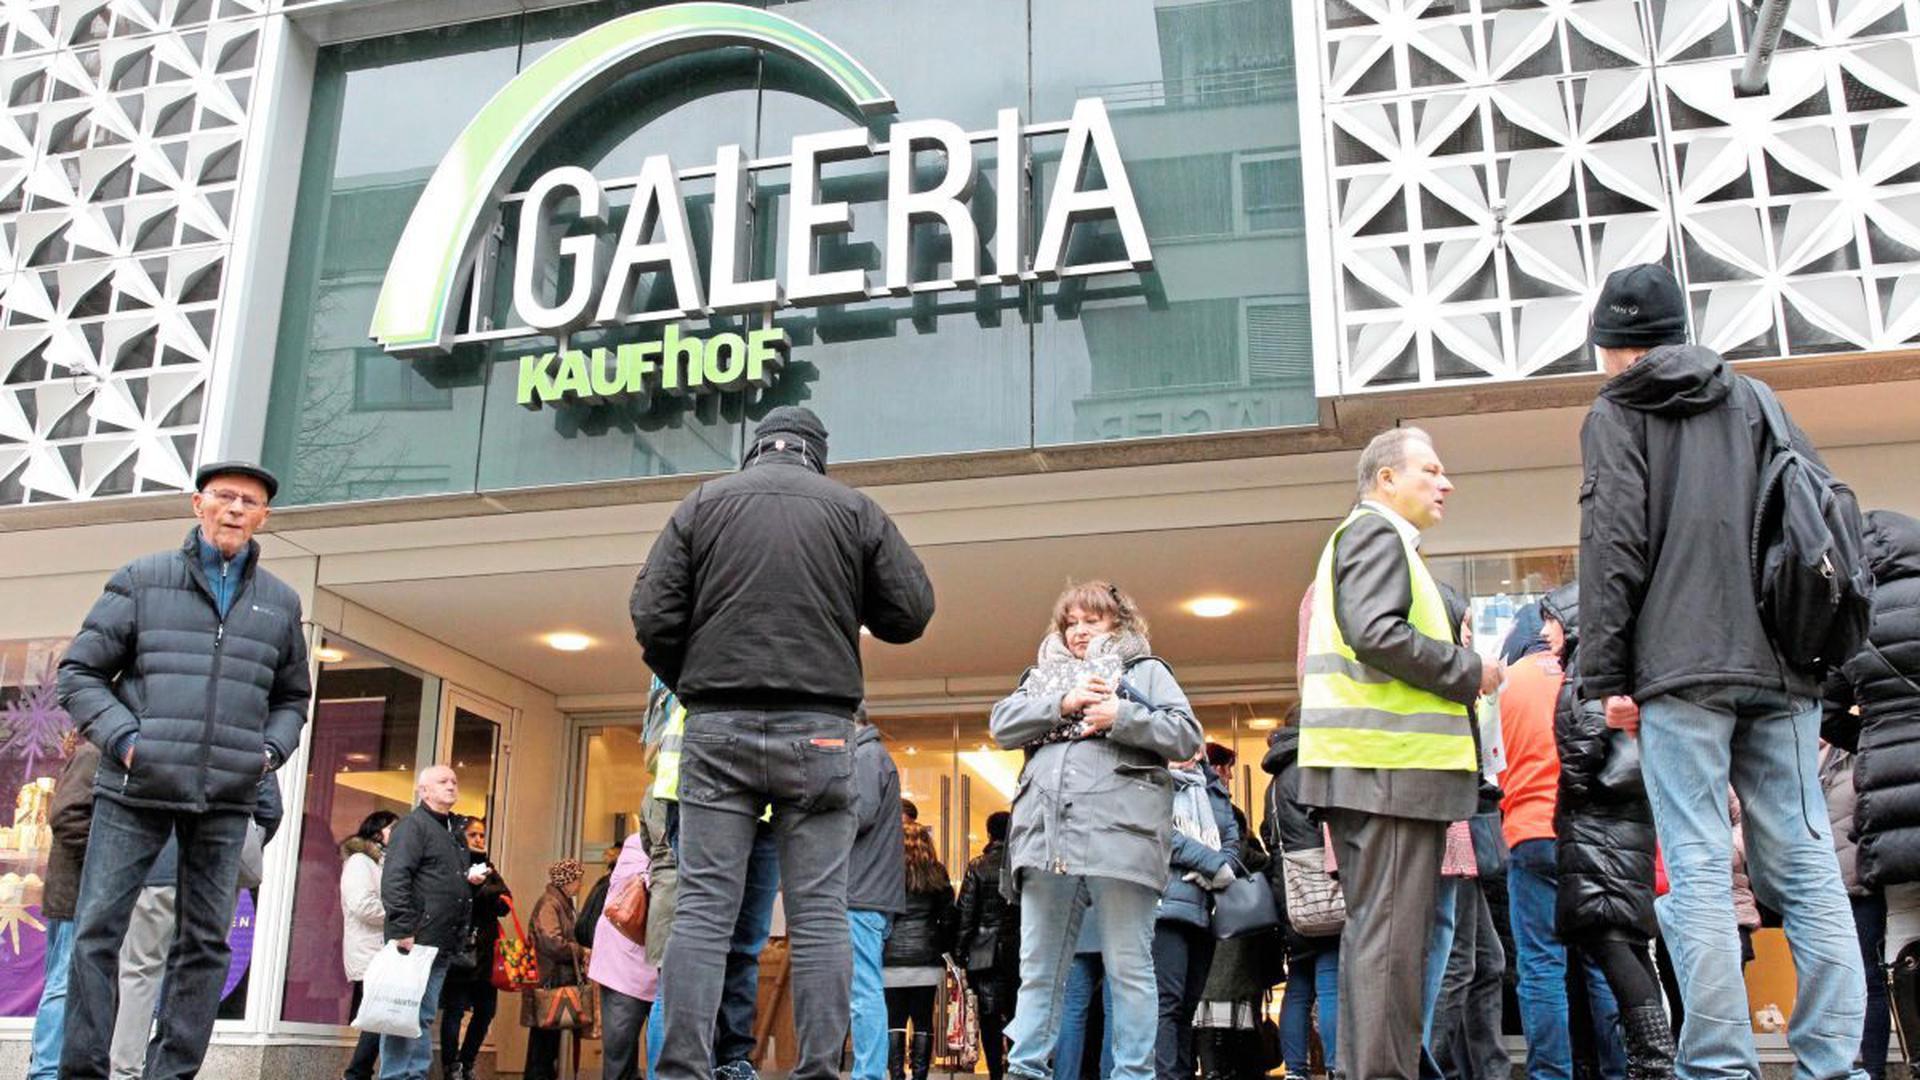 Fast zwei Stunden mussten Kunden der Galeria Kaufhof warten, bis das Kaufhaus öffnete. Grund war ein Warnstreik.